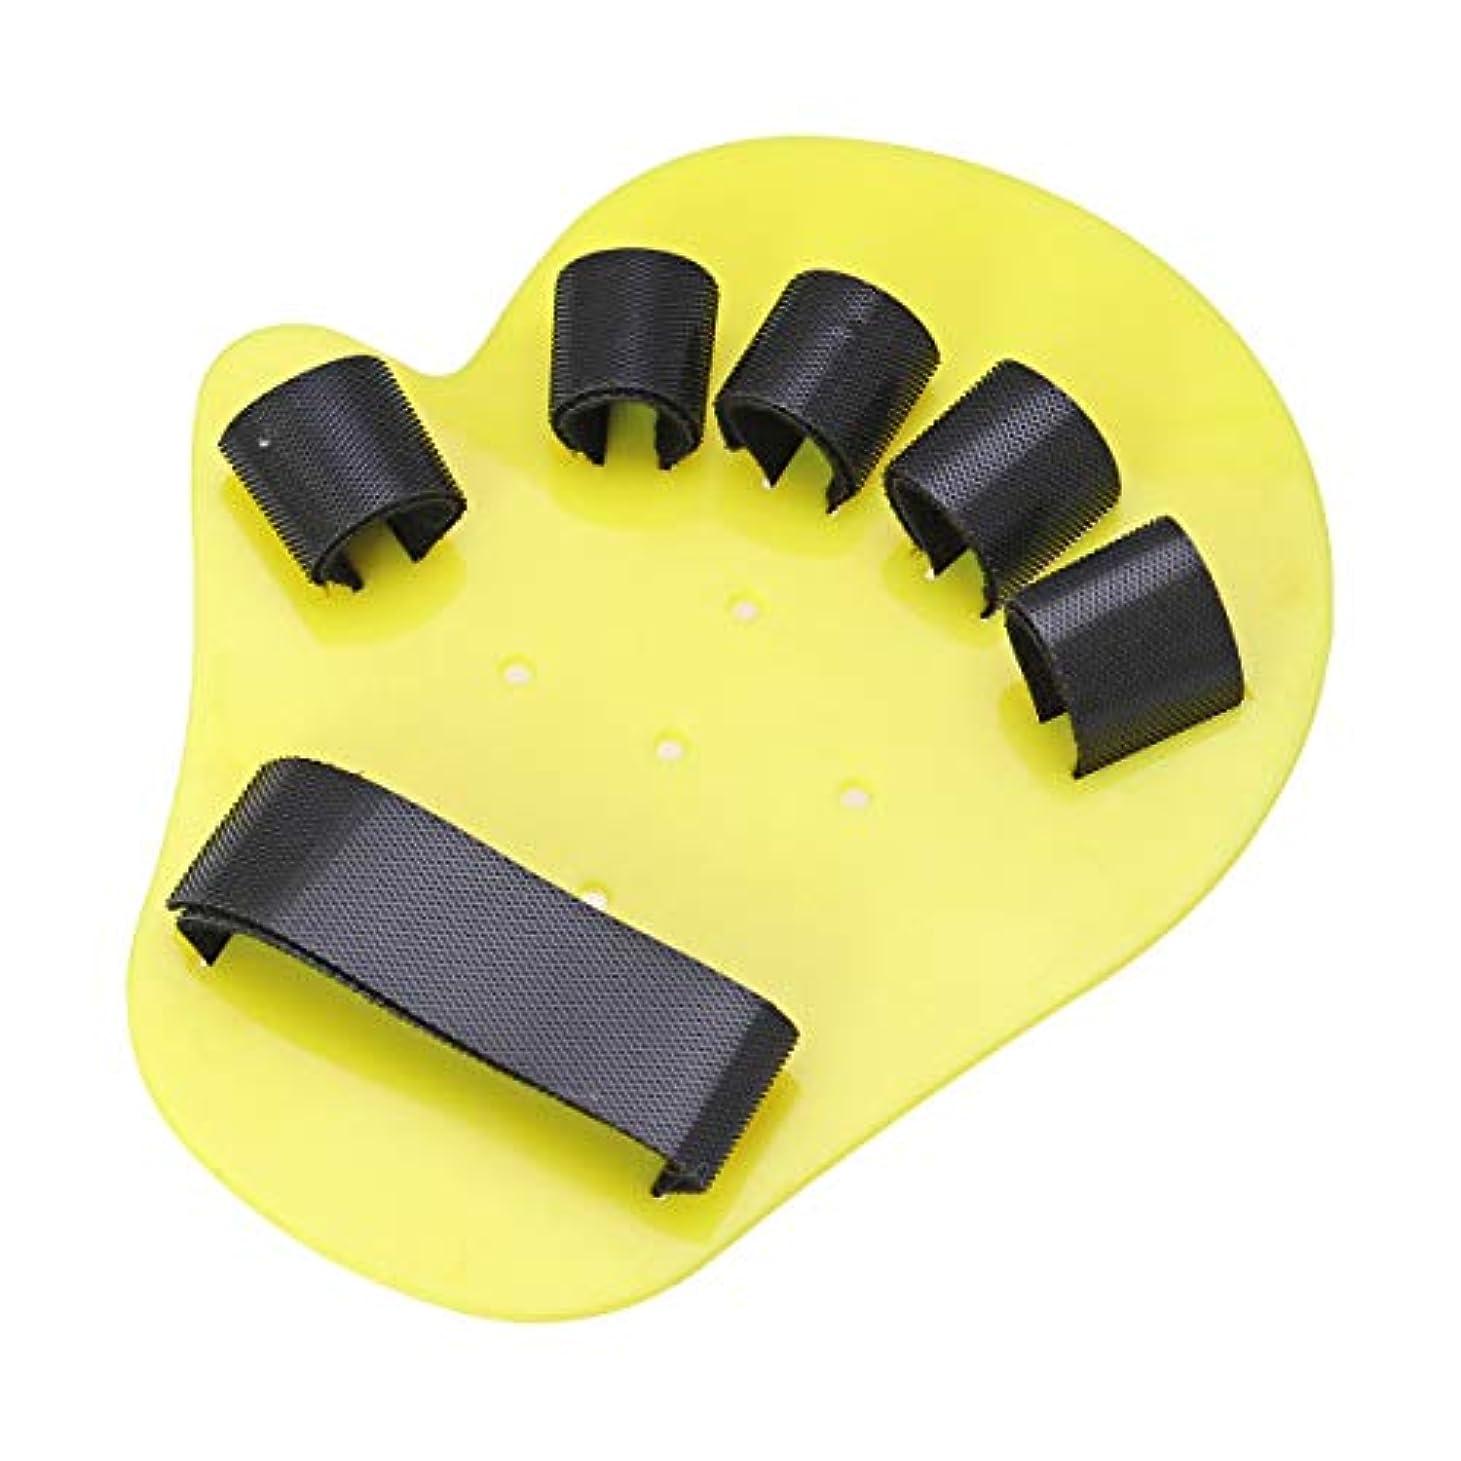 相手利用可能満たすSUPVOX 指矯正装置子供の指の訓練板指の添え木指先片麻痺1-5年